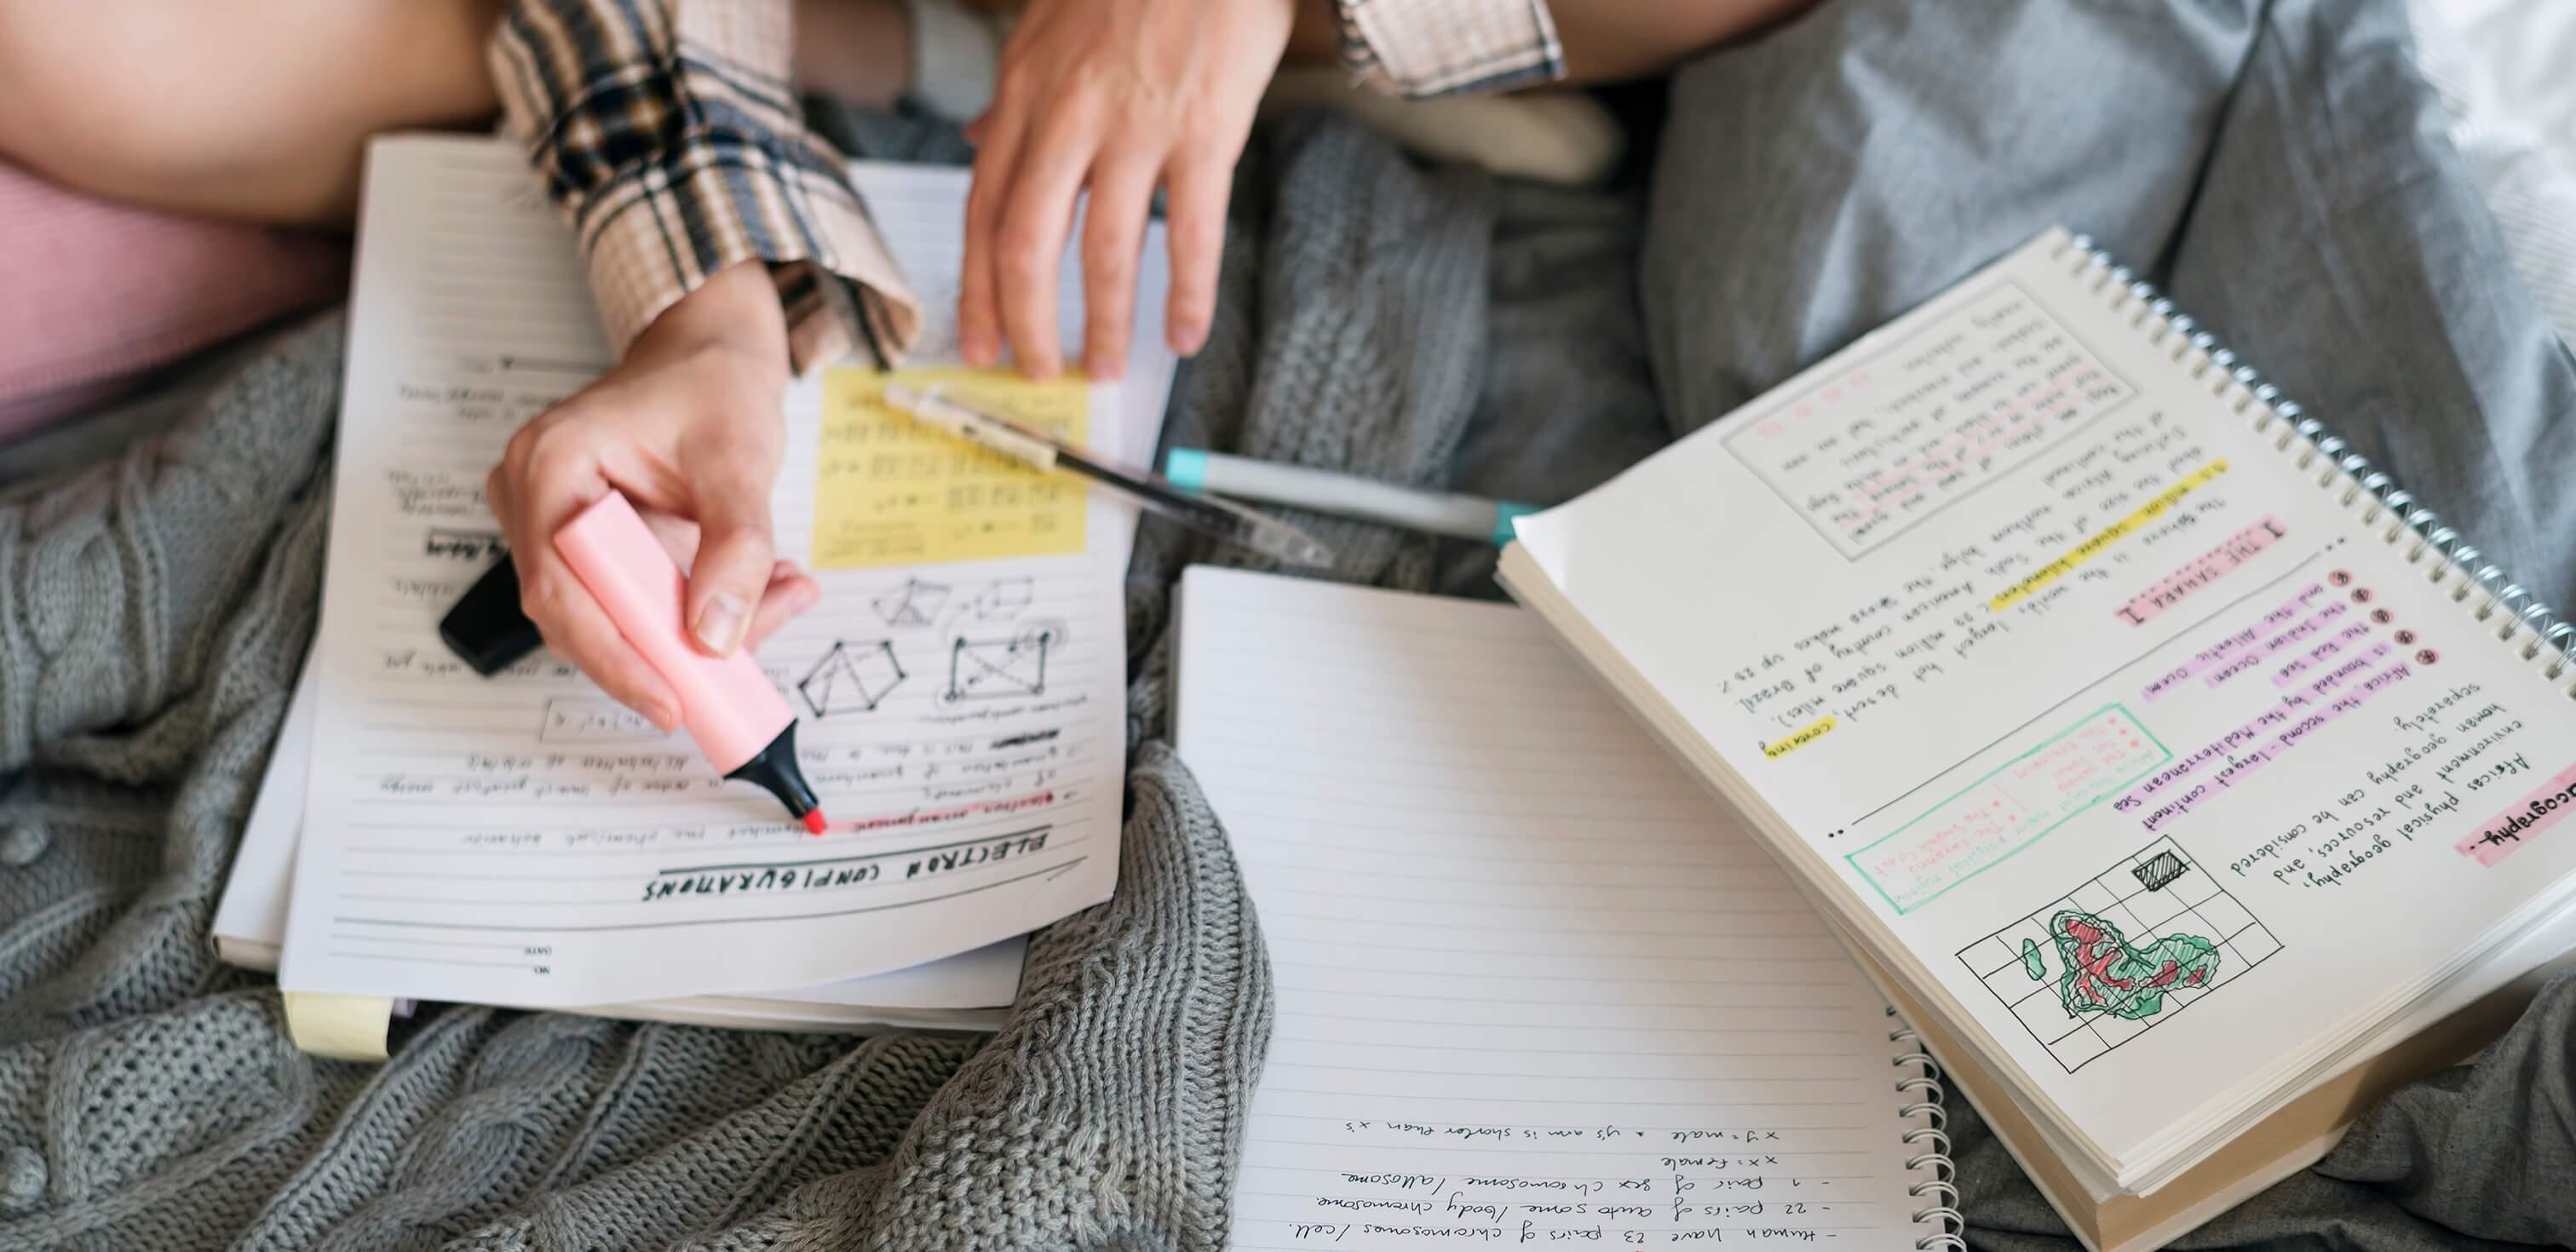 Reta final pro Enem: fotografia de uma mulher estudando e fazendo marcações em vários livros em cima de uma cama.